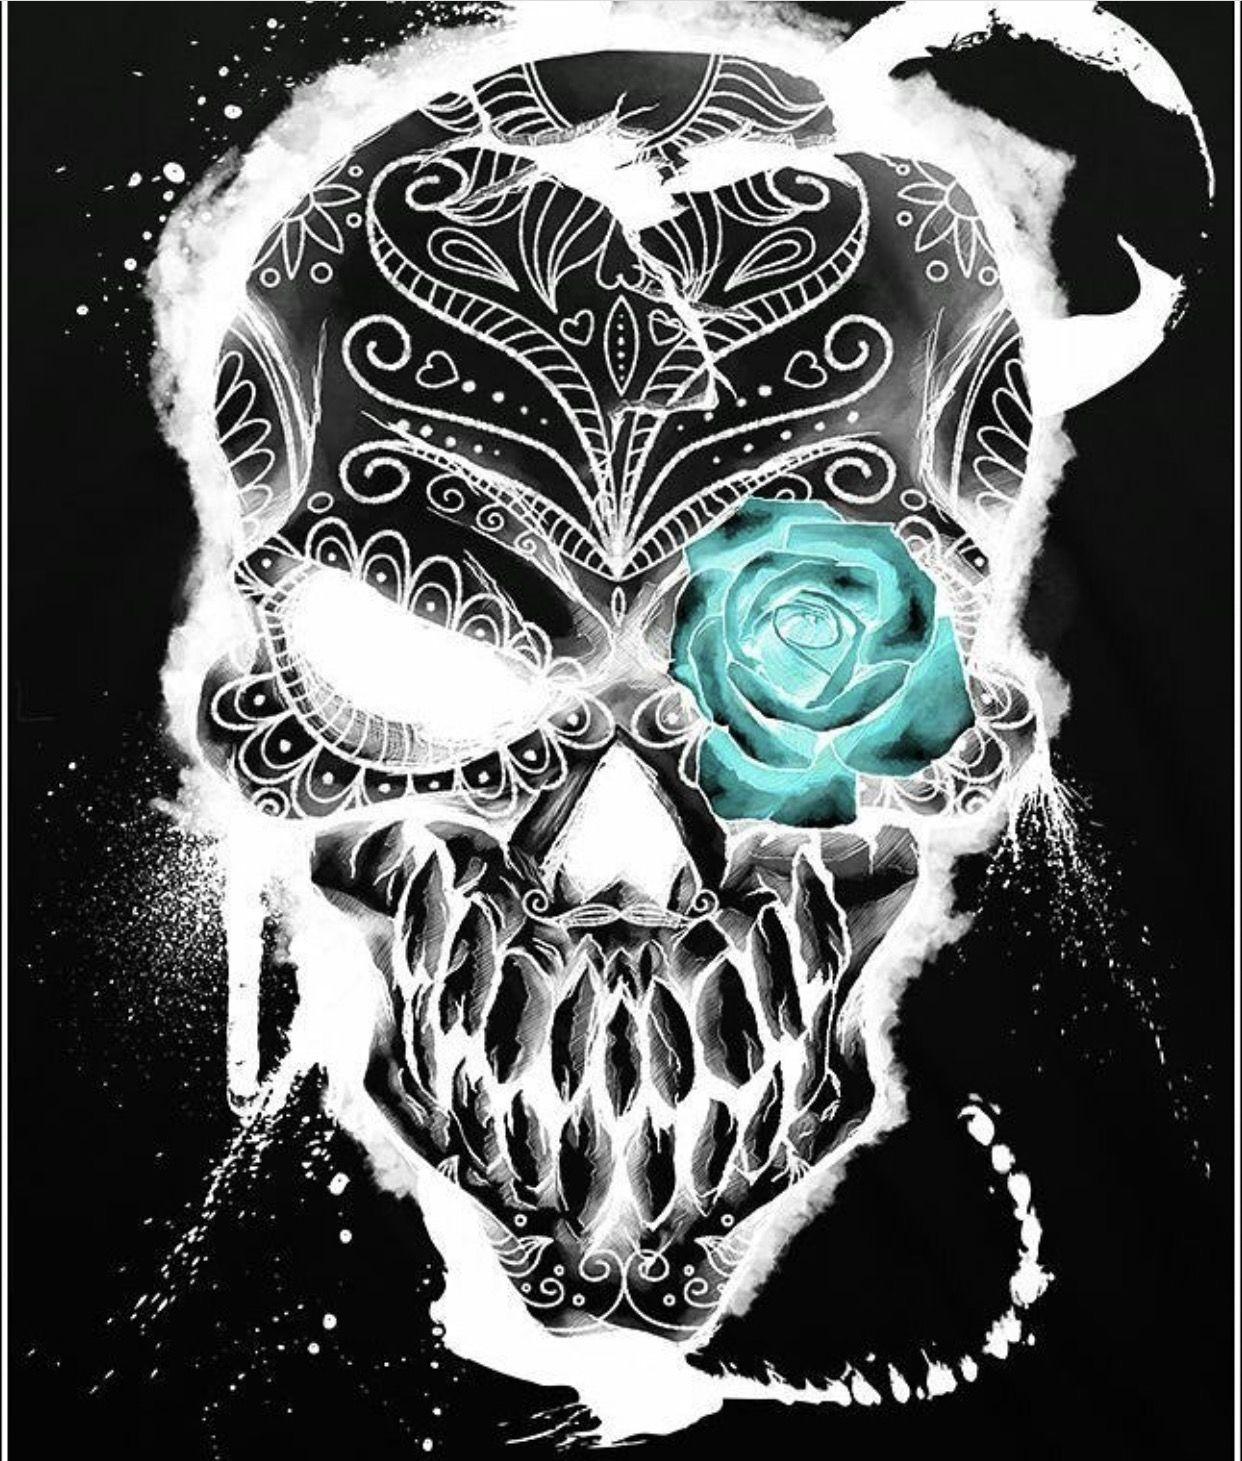 Pin von Mella Melmol auf Skull | Pinterest | Tattoo ideen, Schädel ...